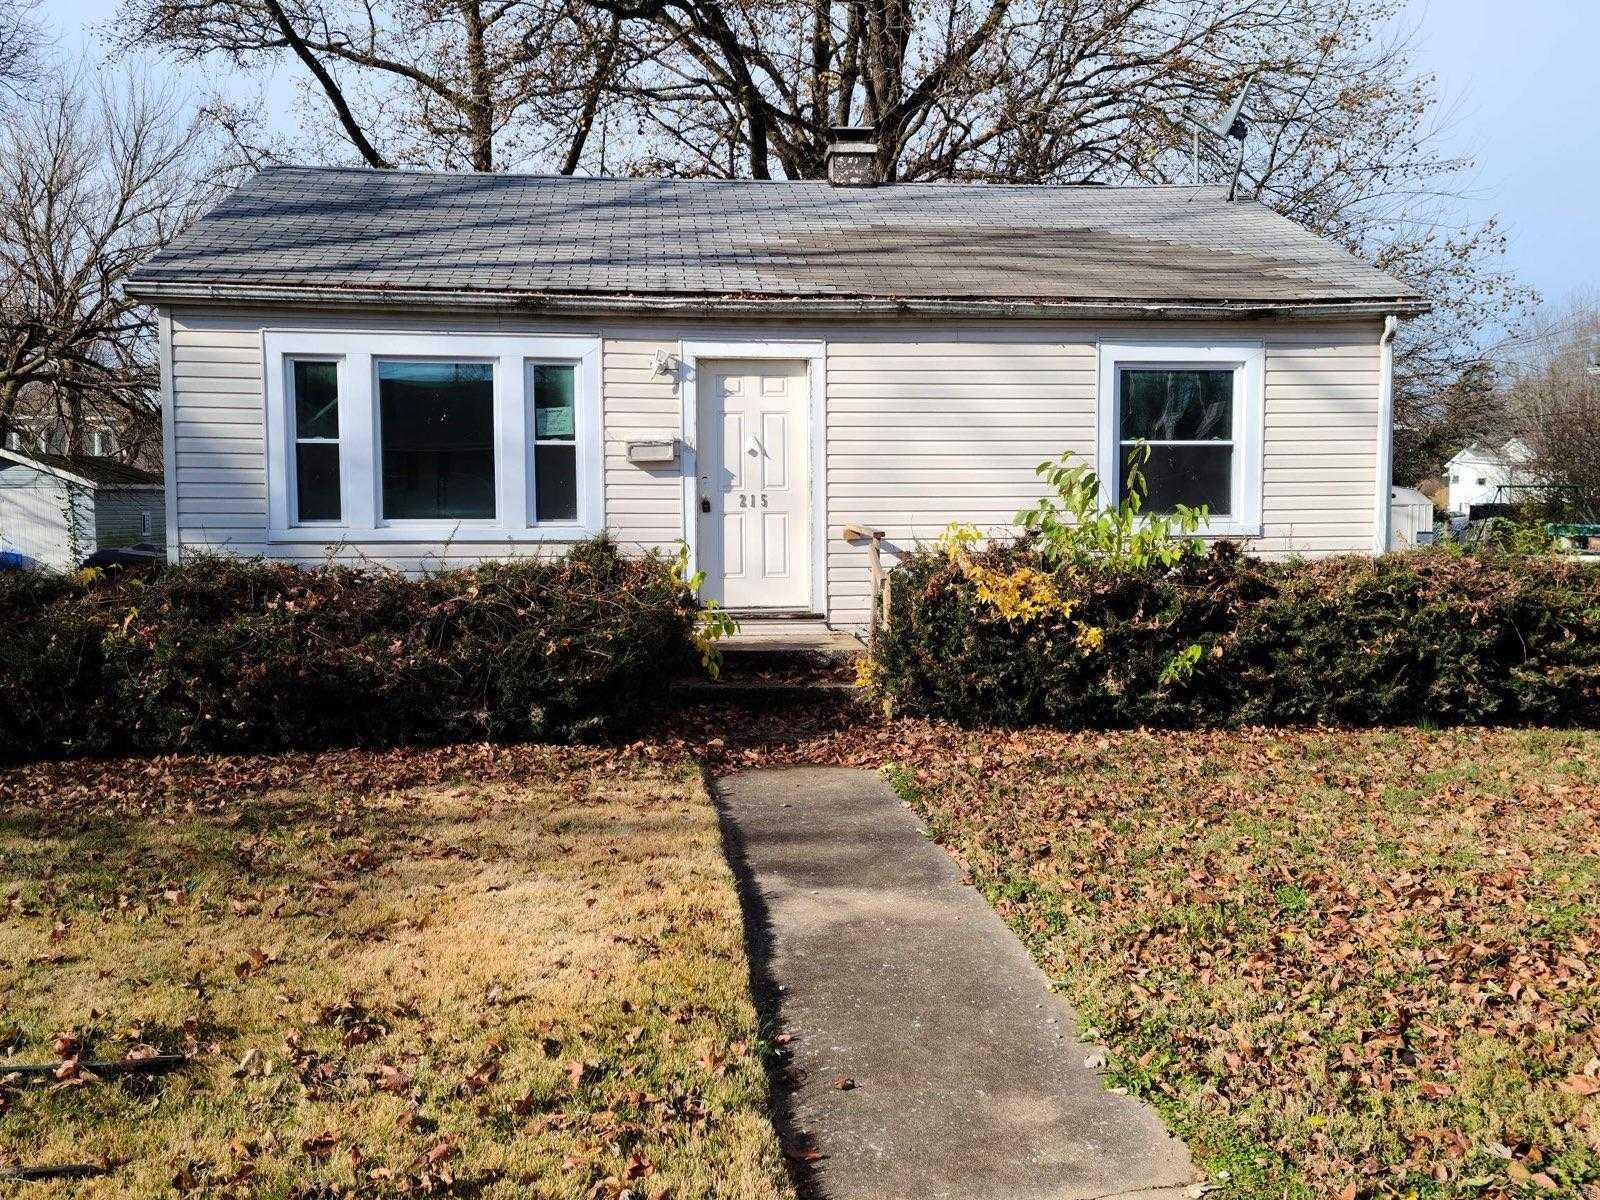 $26,000 - 2Br/1Ba -  for Sale in Montrose Sub, Belleville